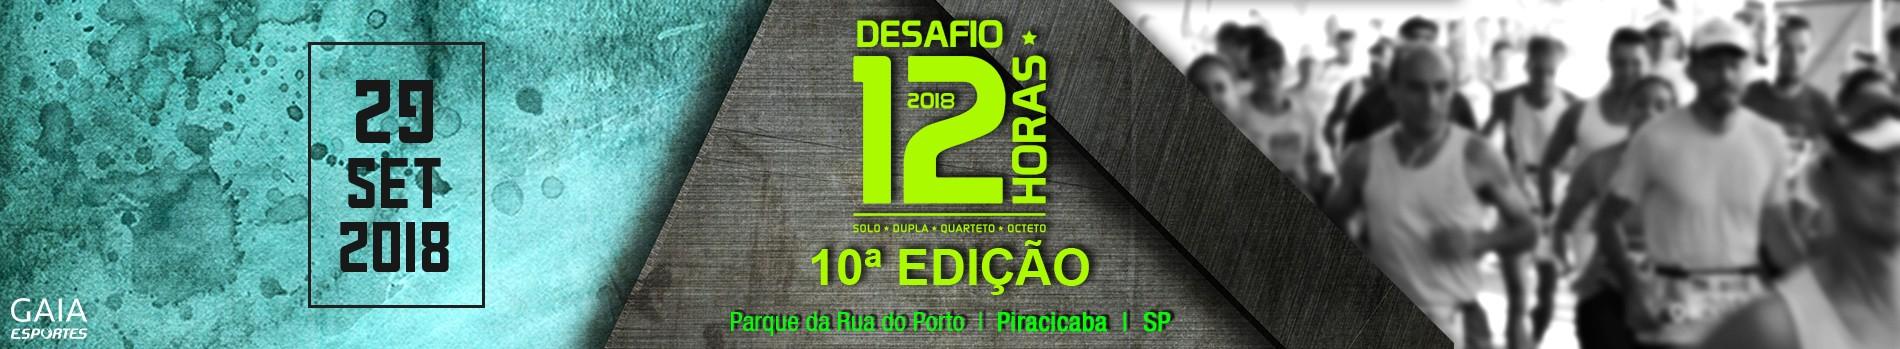 10º DESAFIO 12 HORAS  - 2018